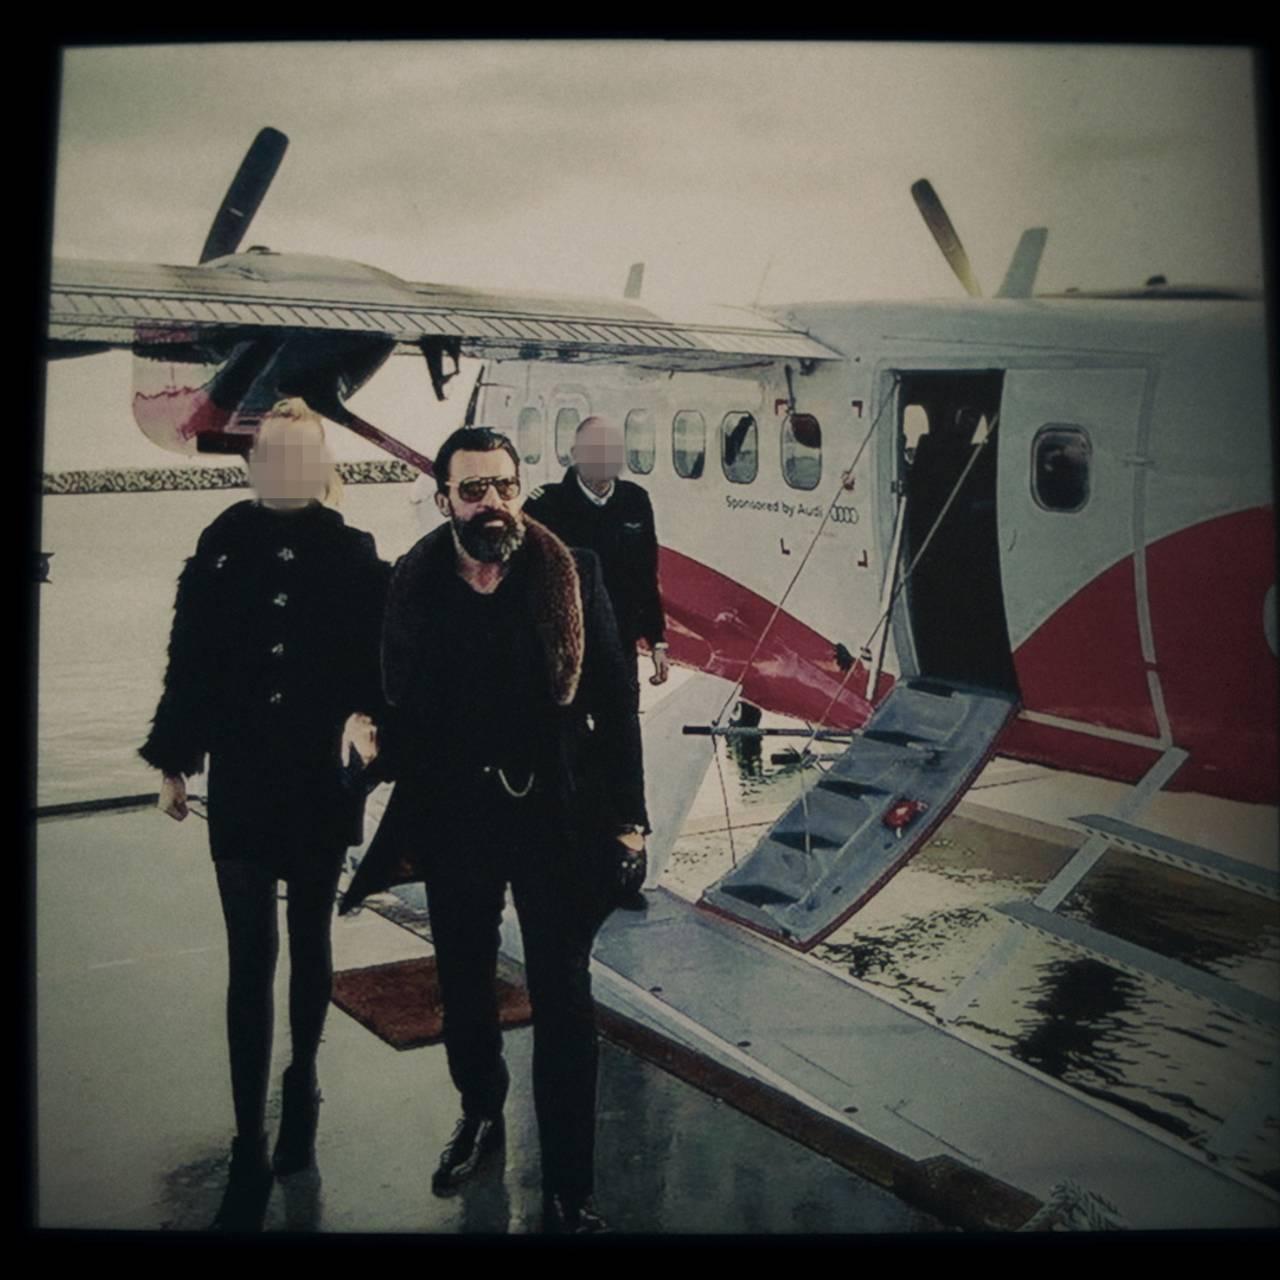 Mr. James på vei ut av et privatfly